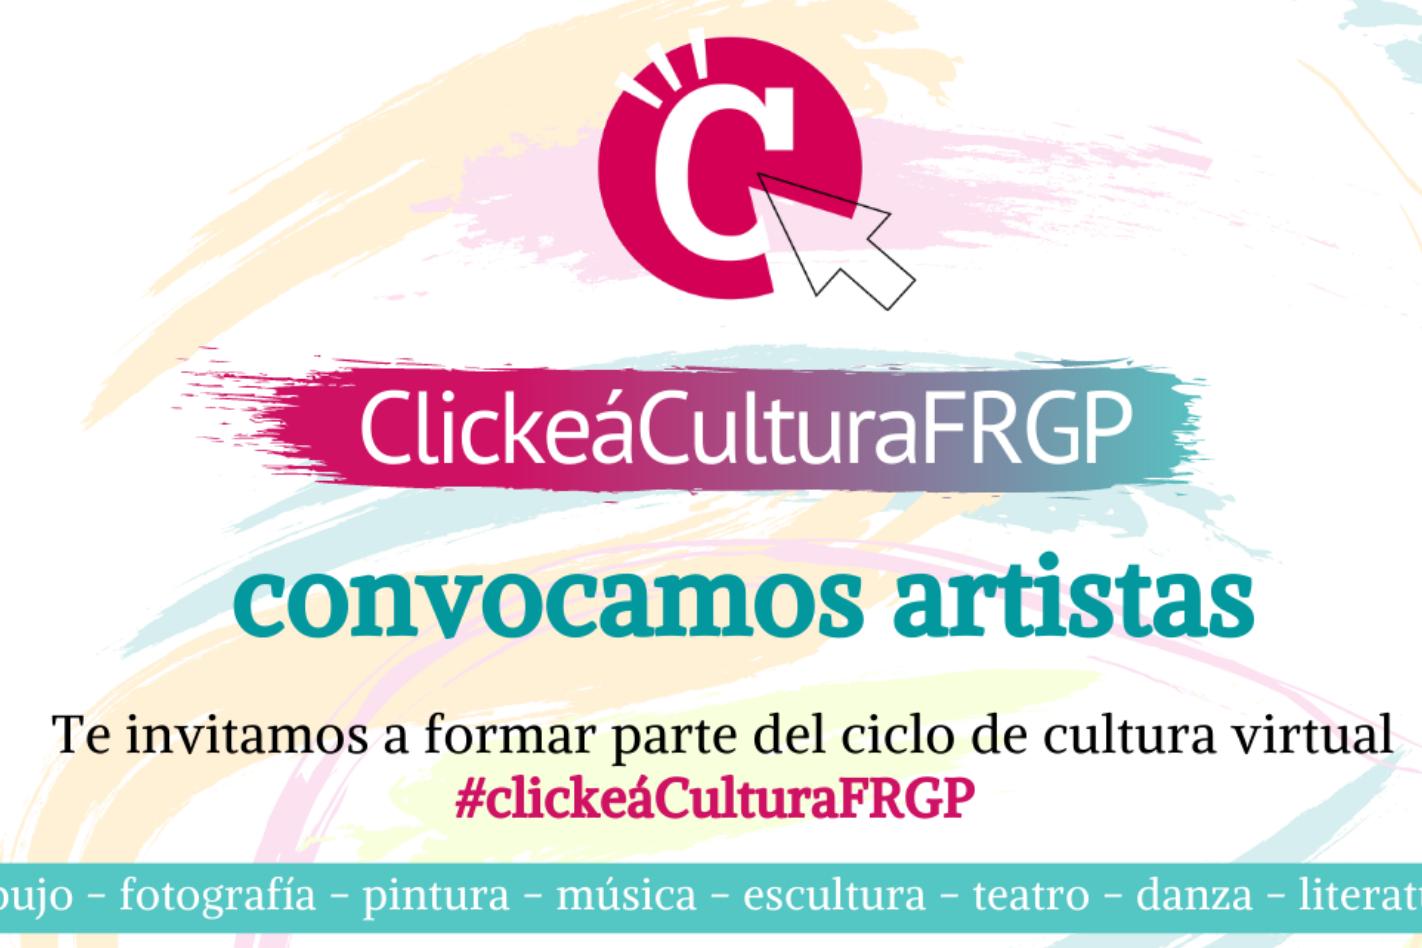 Participá del Ciclo de Cultura Virtual #ClickeaCulturaFRGP